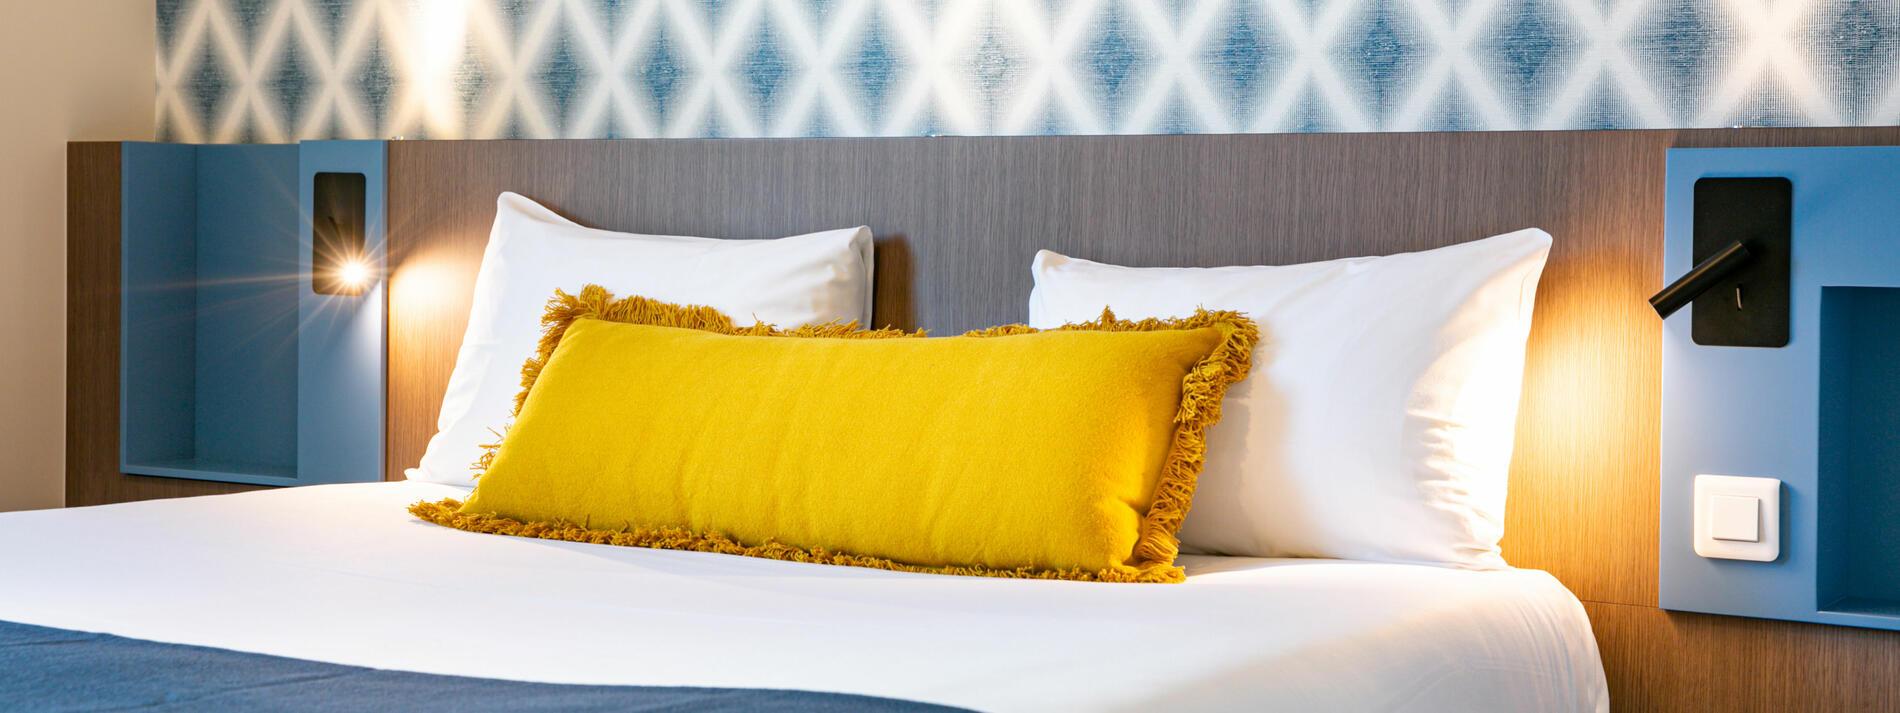 Chambre double twin grand lit lits séparés calme quiétude sommei